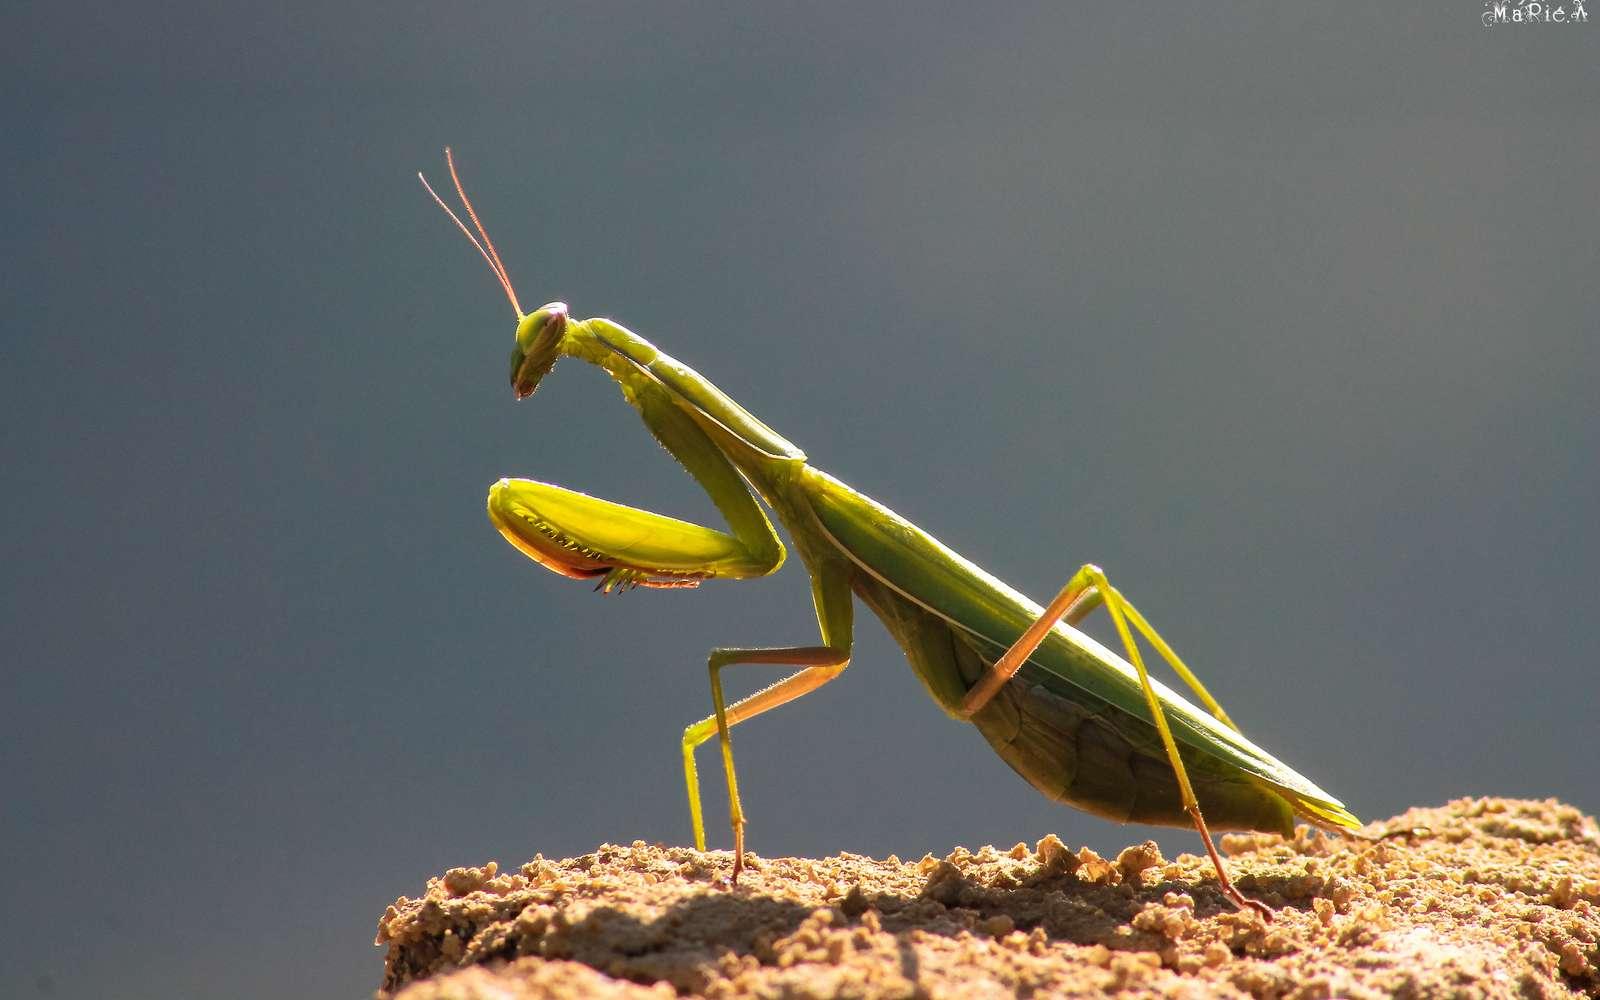 Les mantes religieuses (Mantis religiosa) sont des insectes hémimétaboles, leurs larves ressemblent aux adultes dès l'éclosion et peu de changements surviennent au moment de la sixième et dernière mue. © marie .A, Flickr, cc by nc nd 2.0